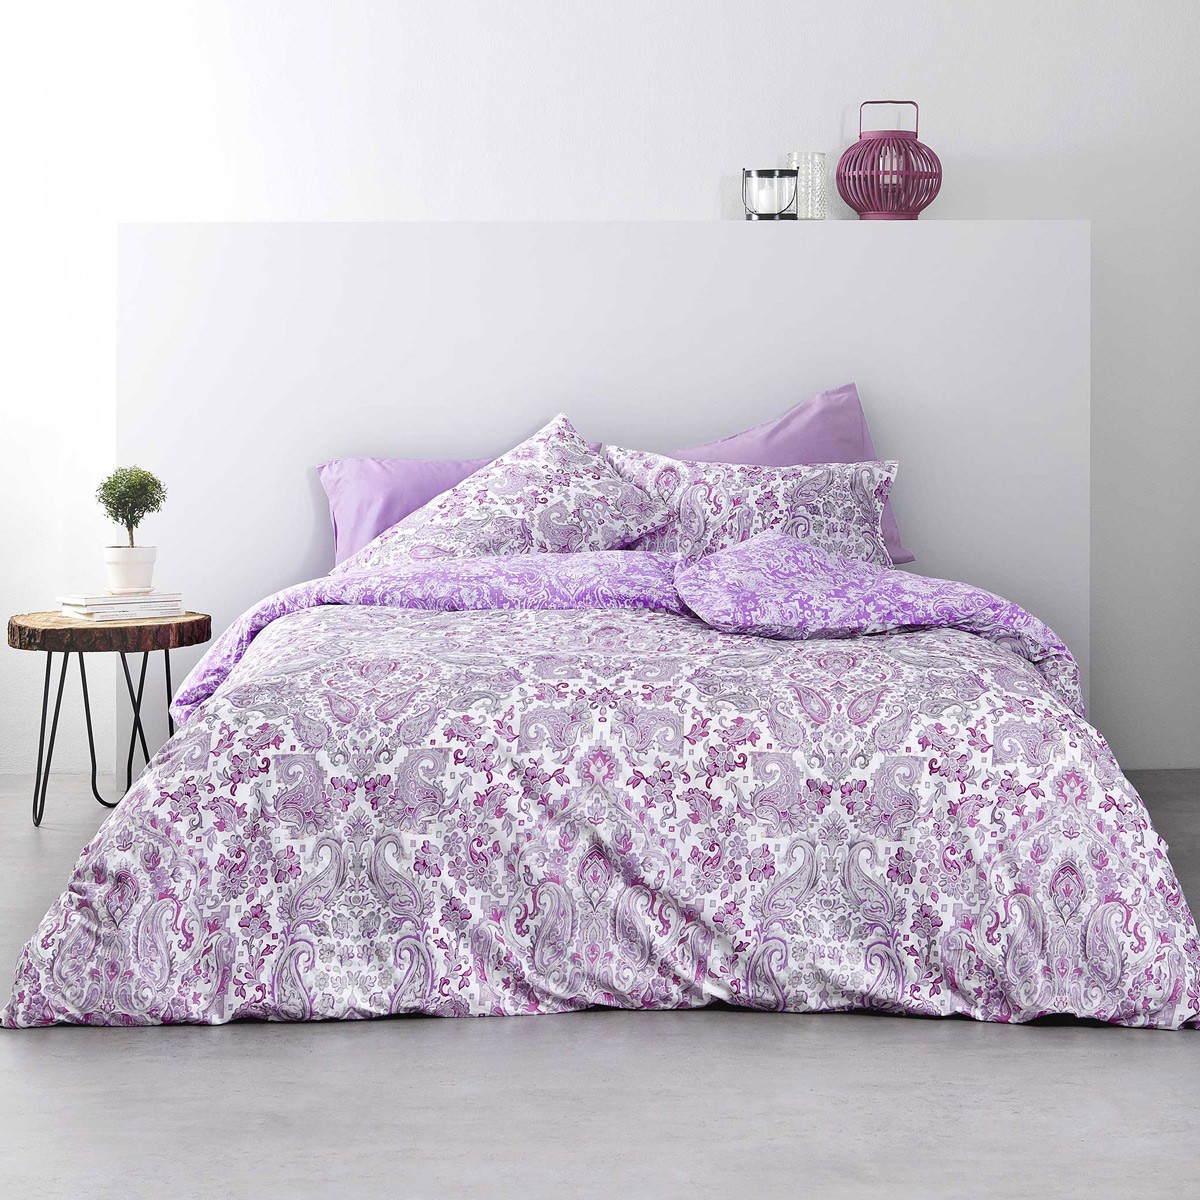 Κουβερλί Υπέρδιπλο Nima Bed Linen Ananta Lilac